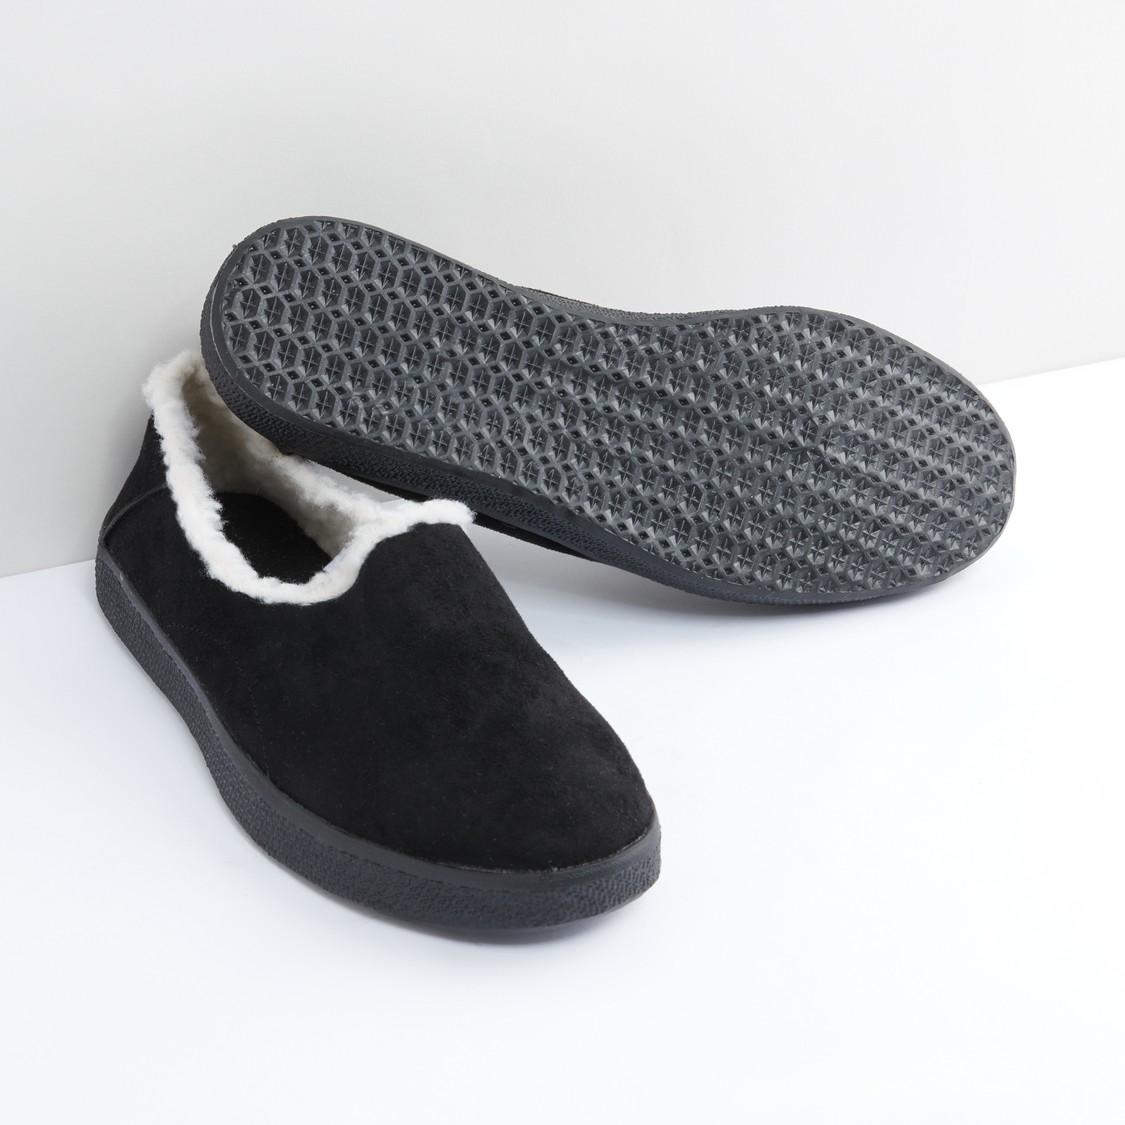 حذاء سهل الارتداء وبارز الملمس بتفاصيل قطيفة